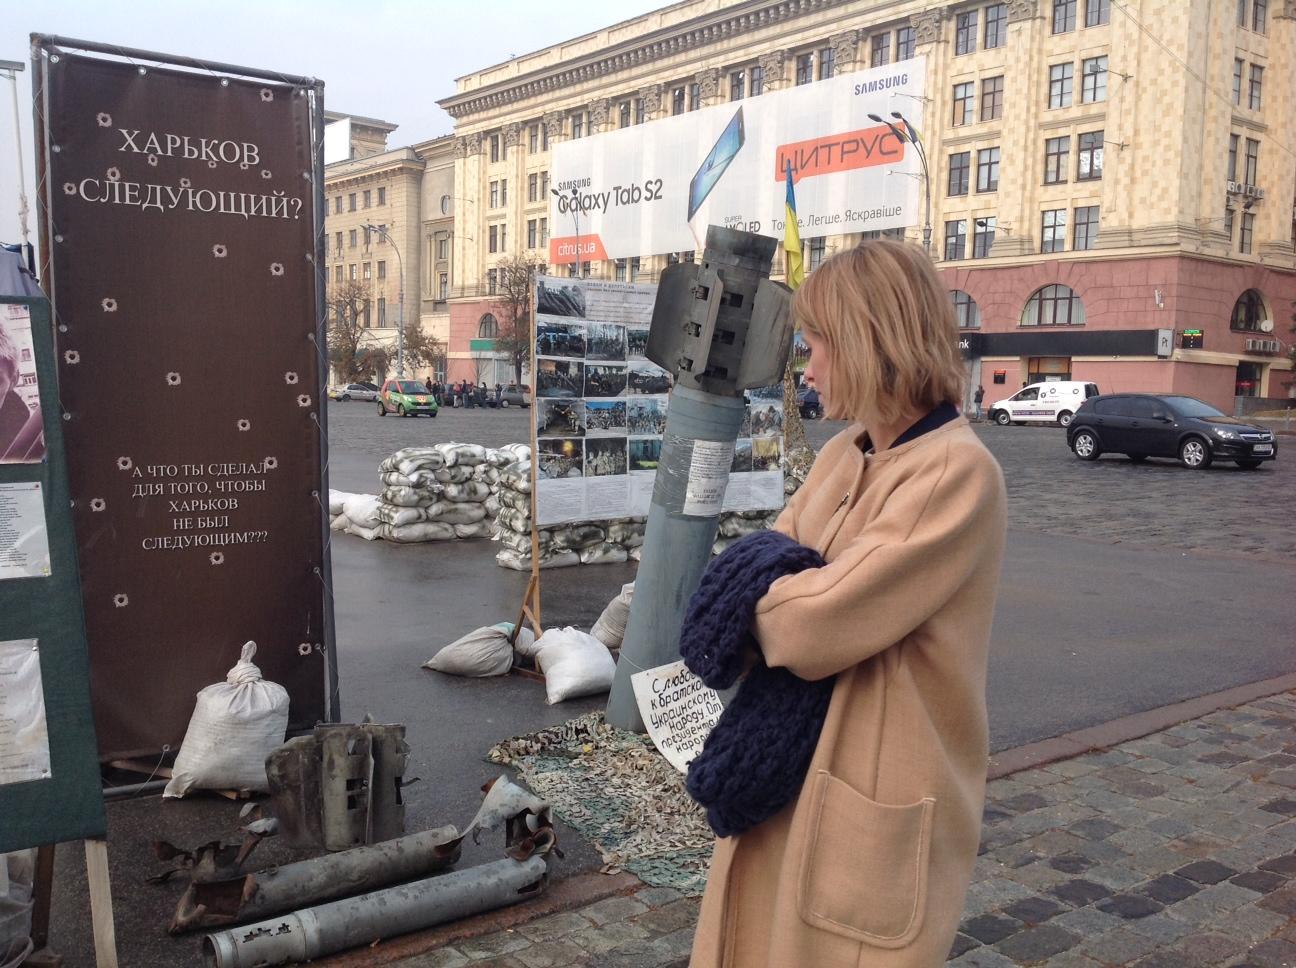 ukraina-kohalikud-valimised2